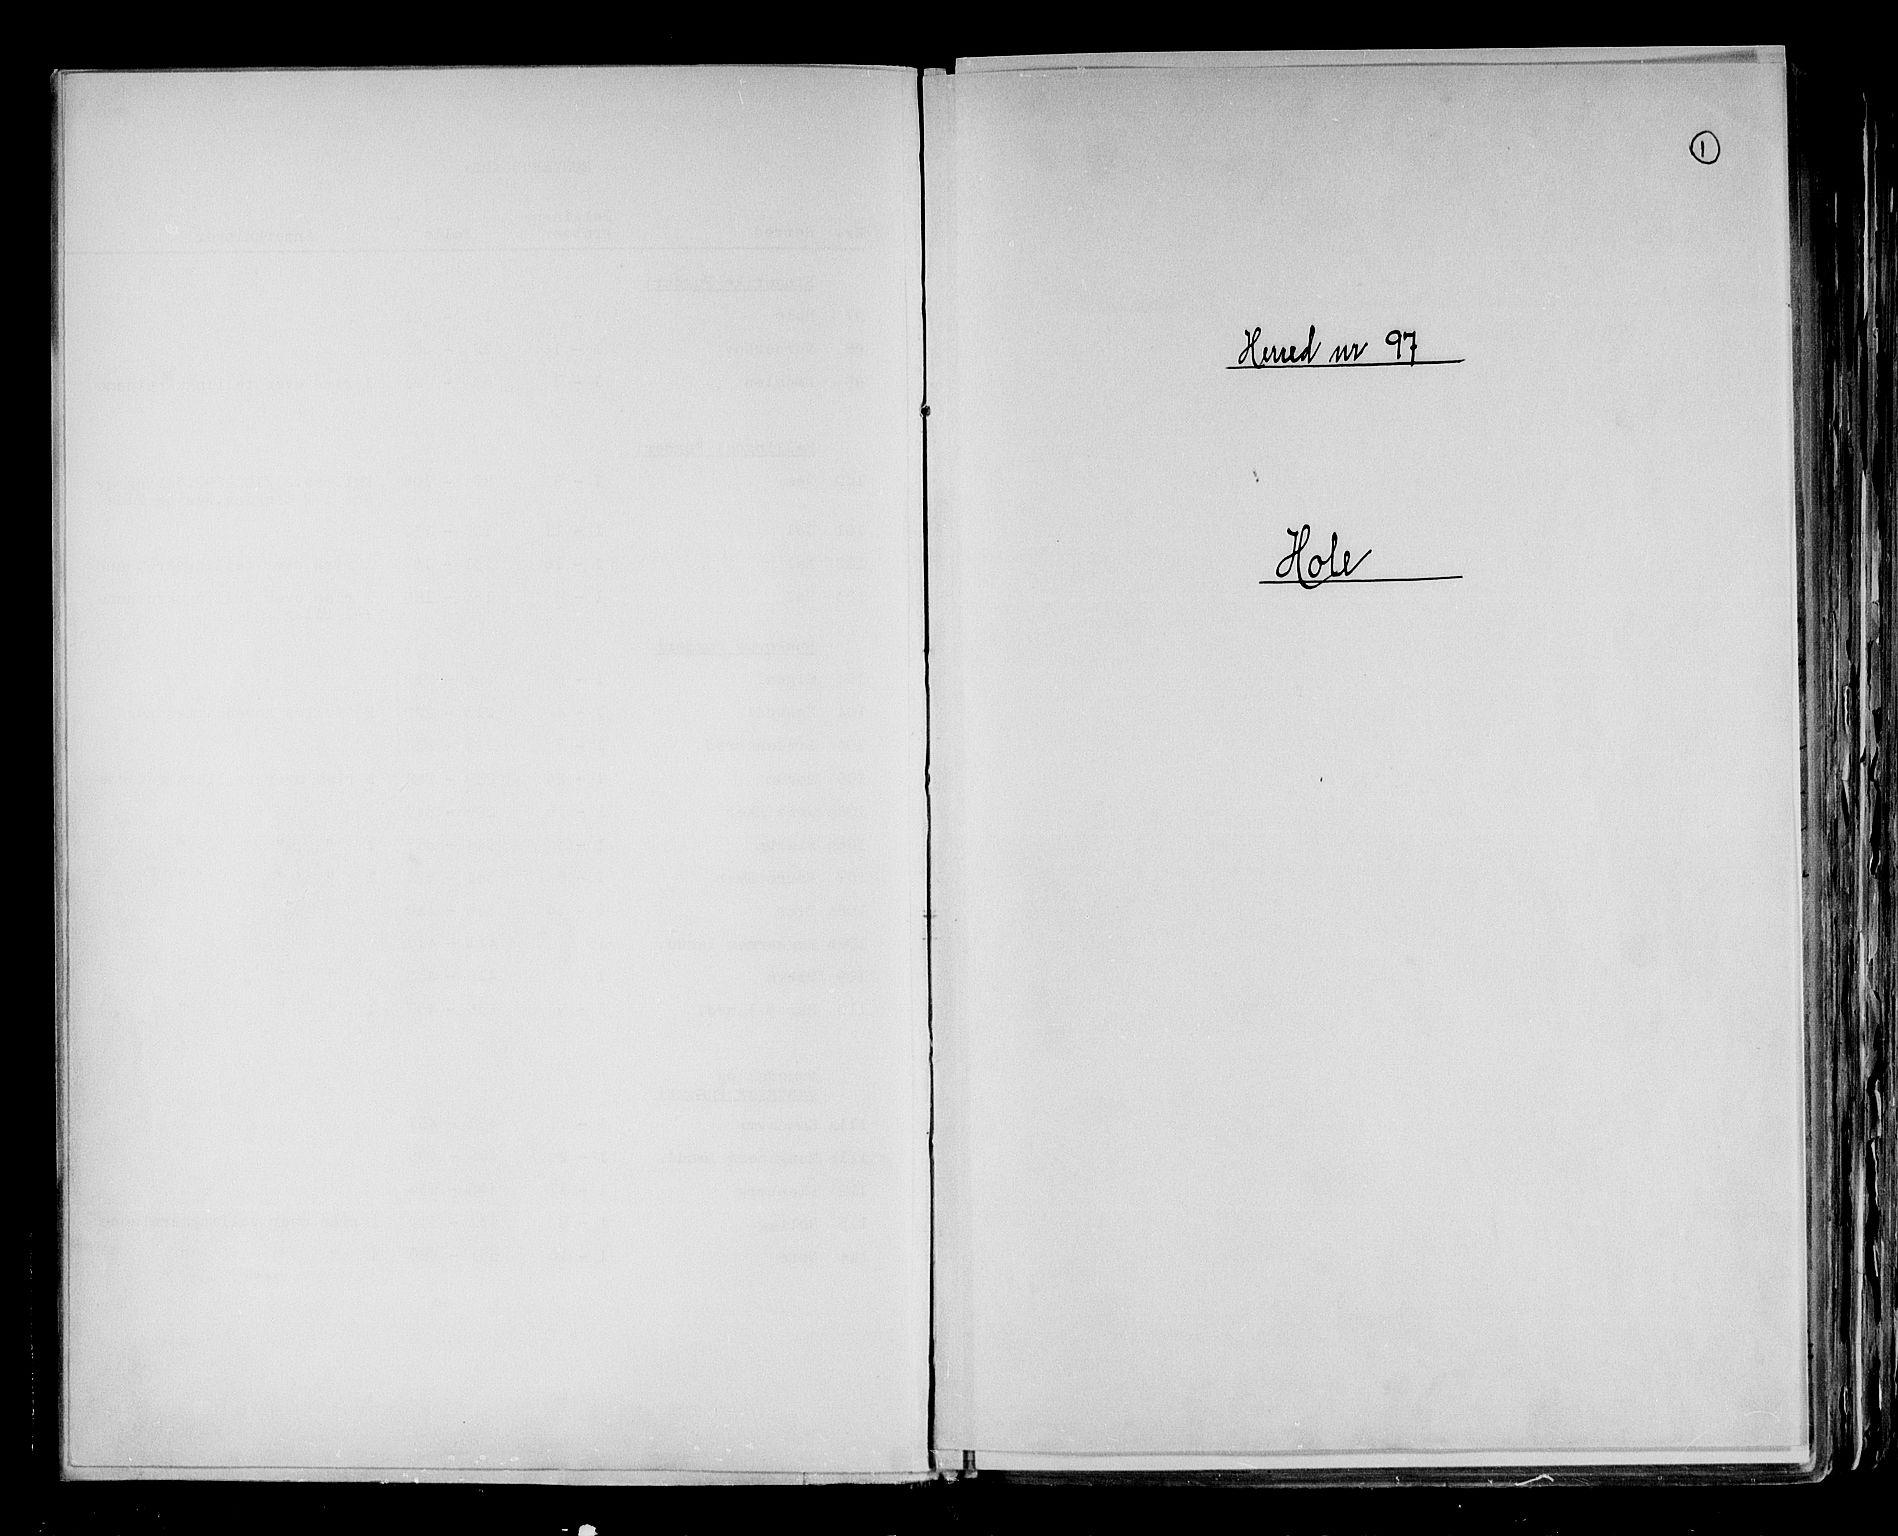 RA, Folketelling 1891 for 0612 Hole herred, 1891, s. 1